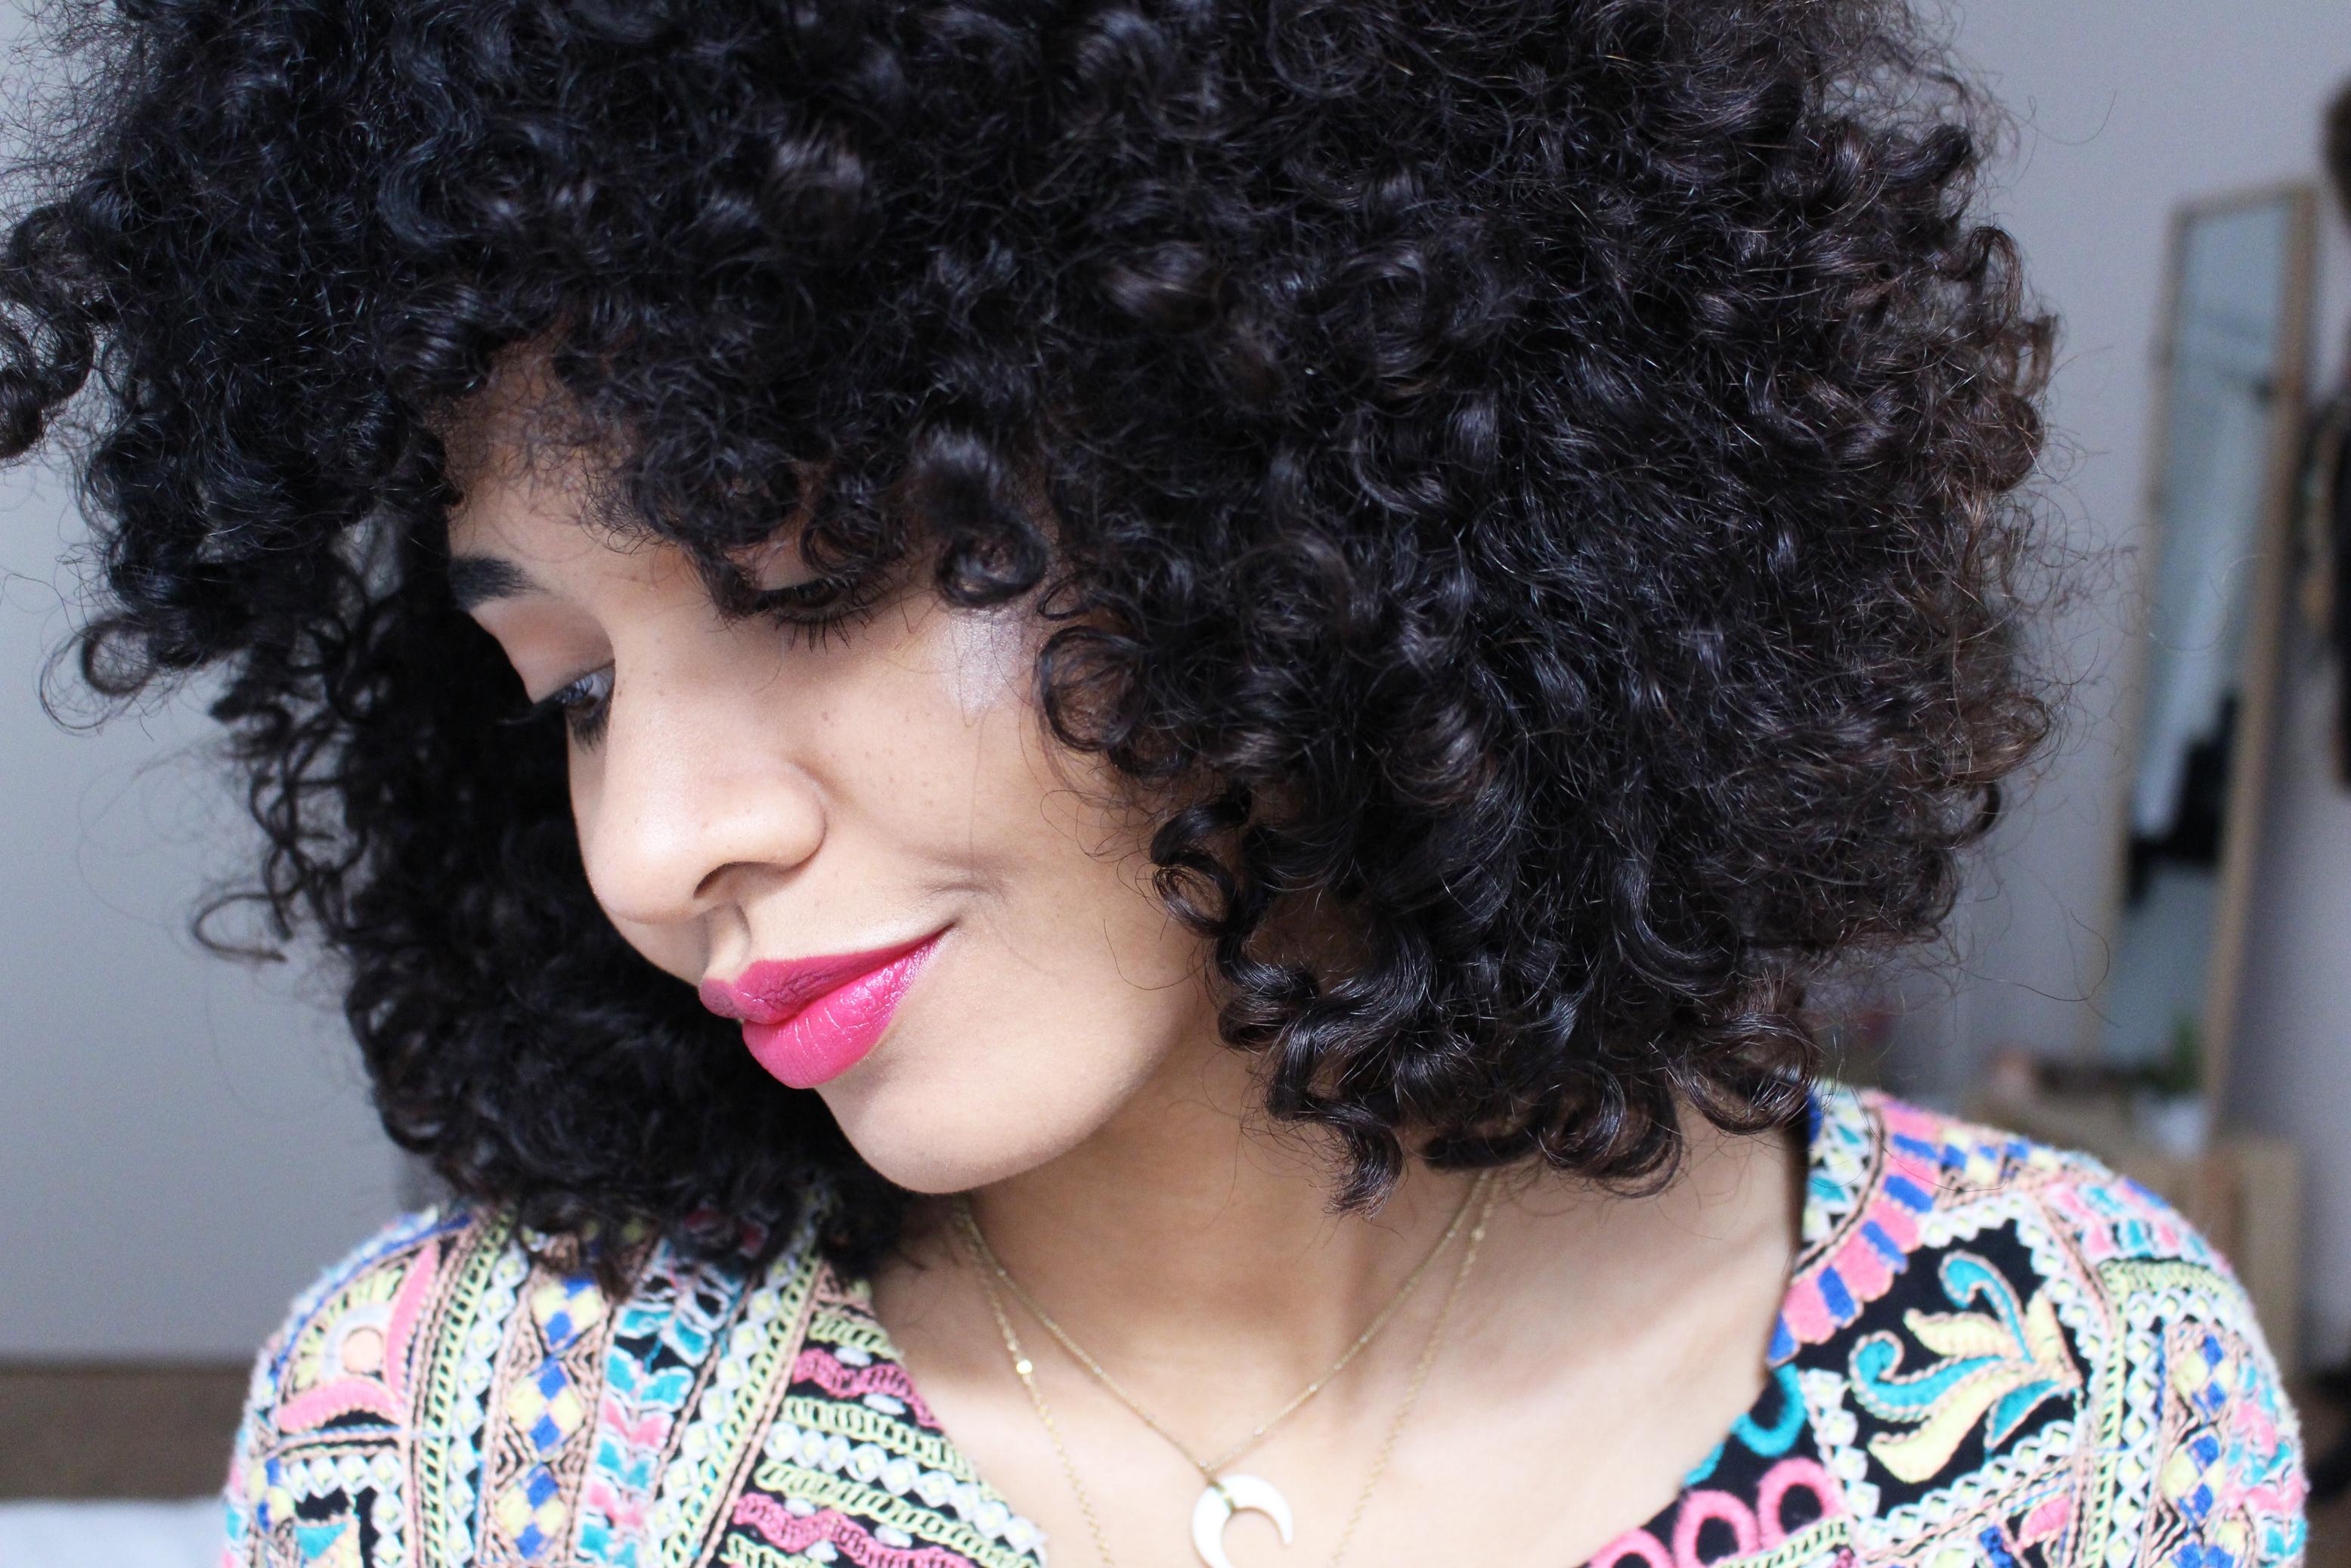 fj beauty cheveux frisés curly